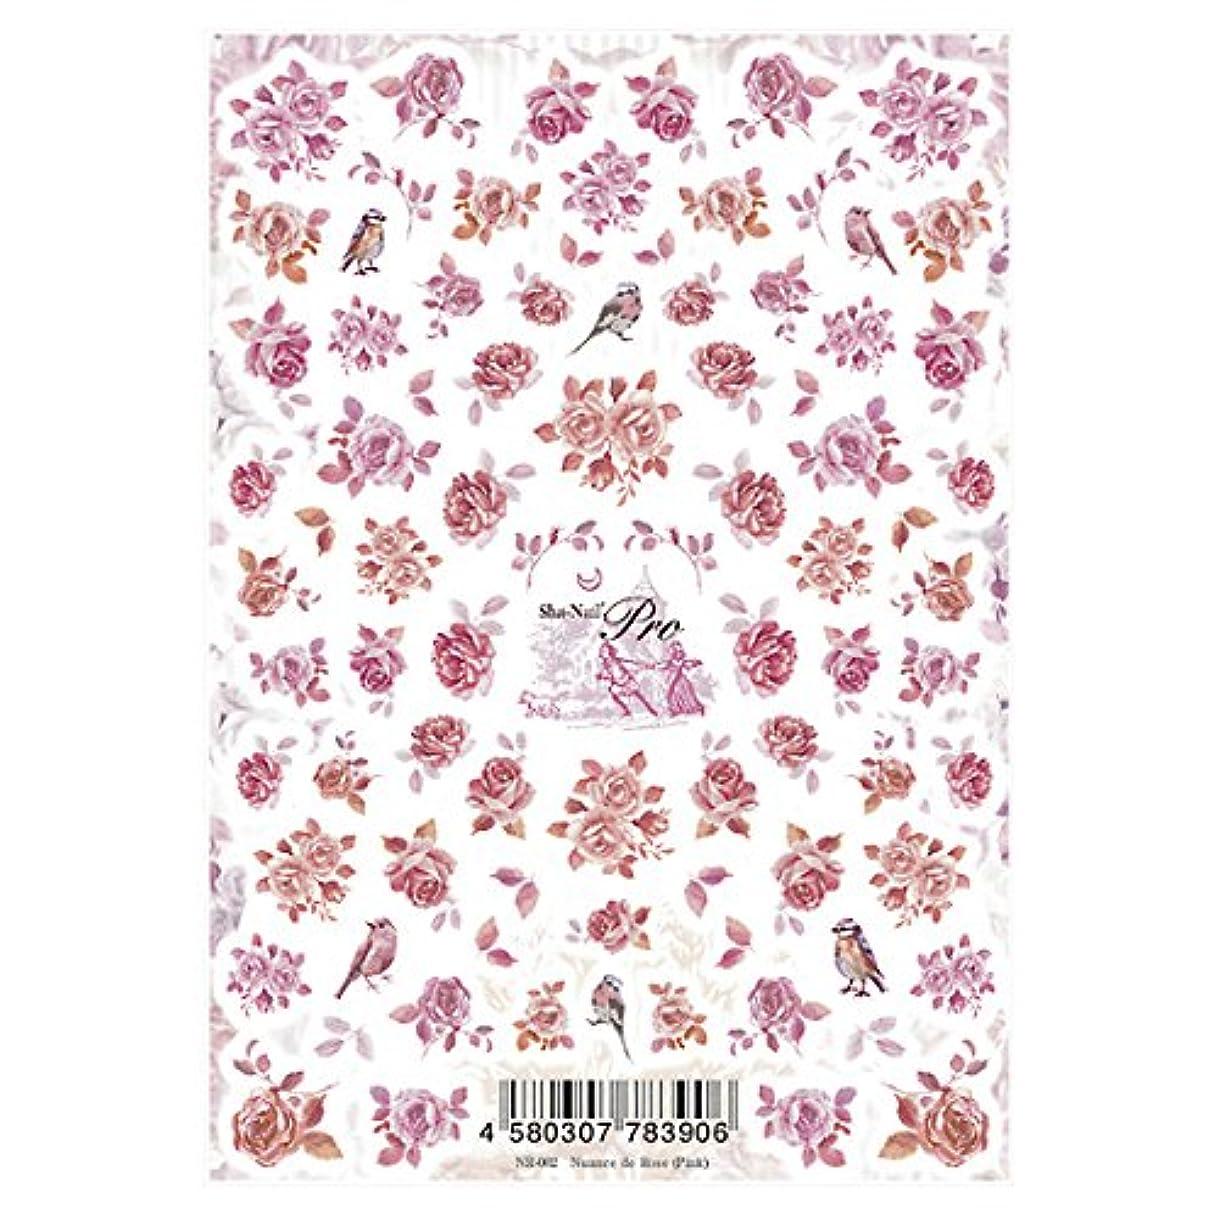 サーキュレーション贈り物取り扱い写ネイルプロ ネイルシール ニュアンスローズ ピンク アート材